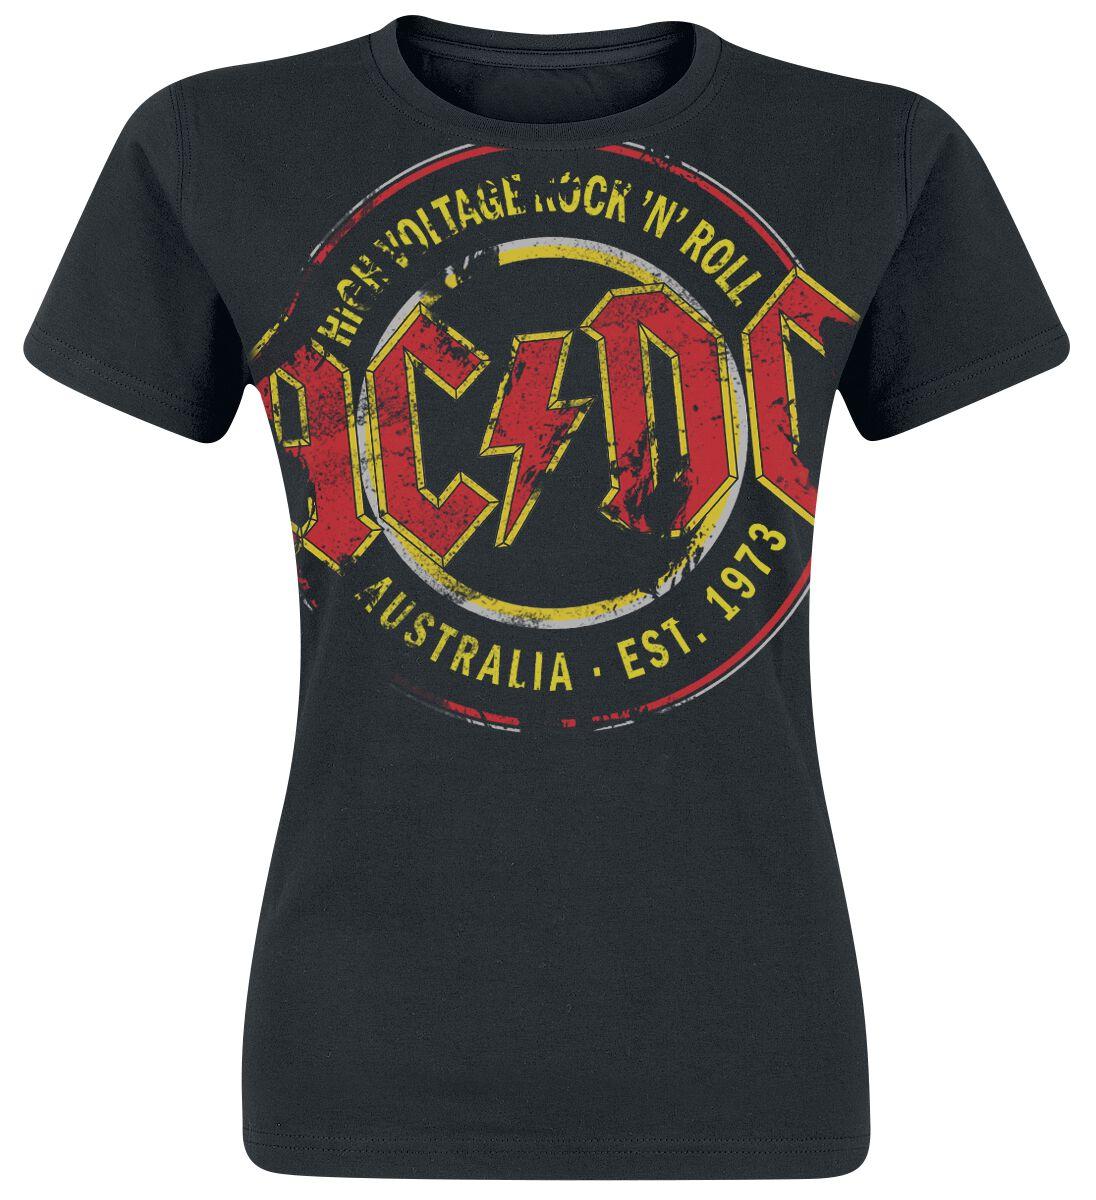 Image of   AC/DC High Voltage - Australia Est. 1973 Vintage Girlie trøje sort